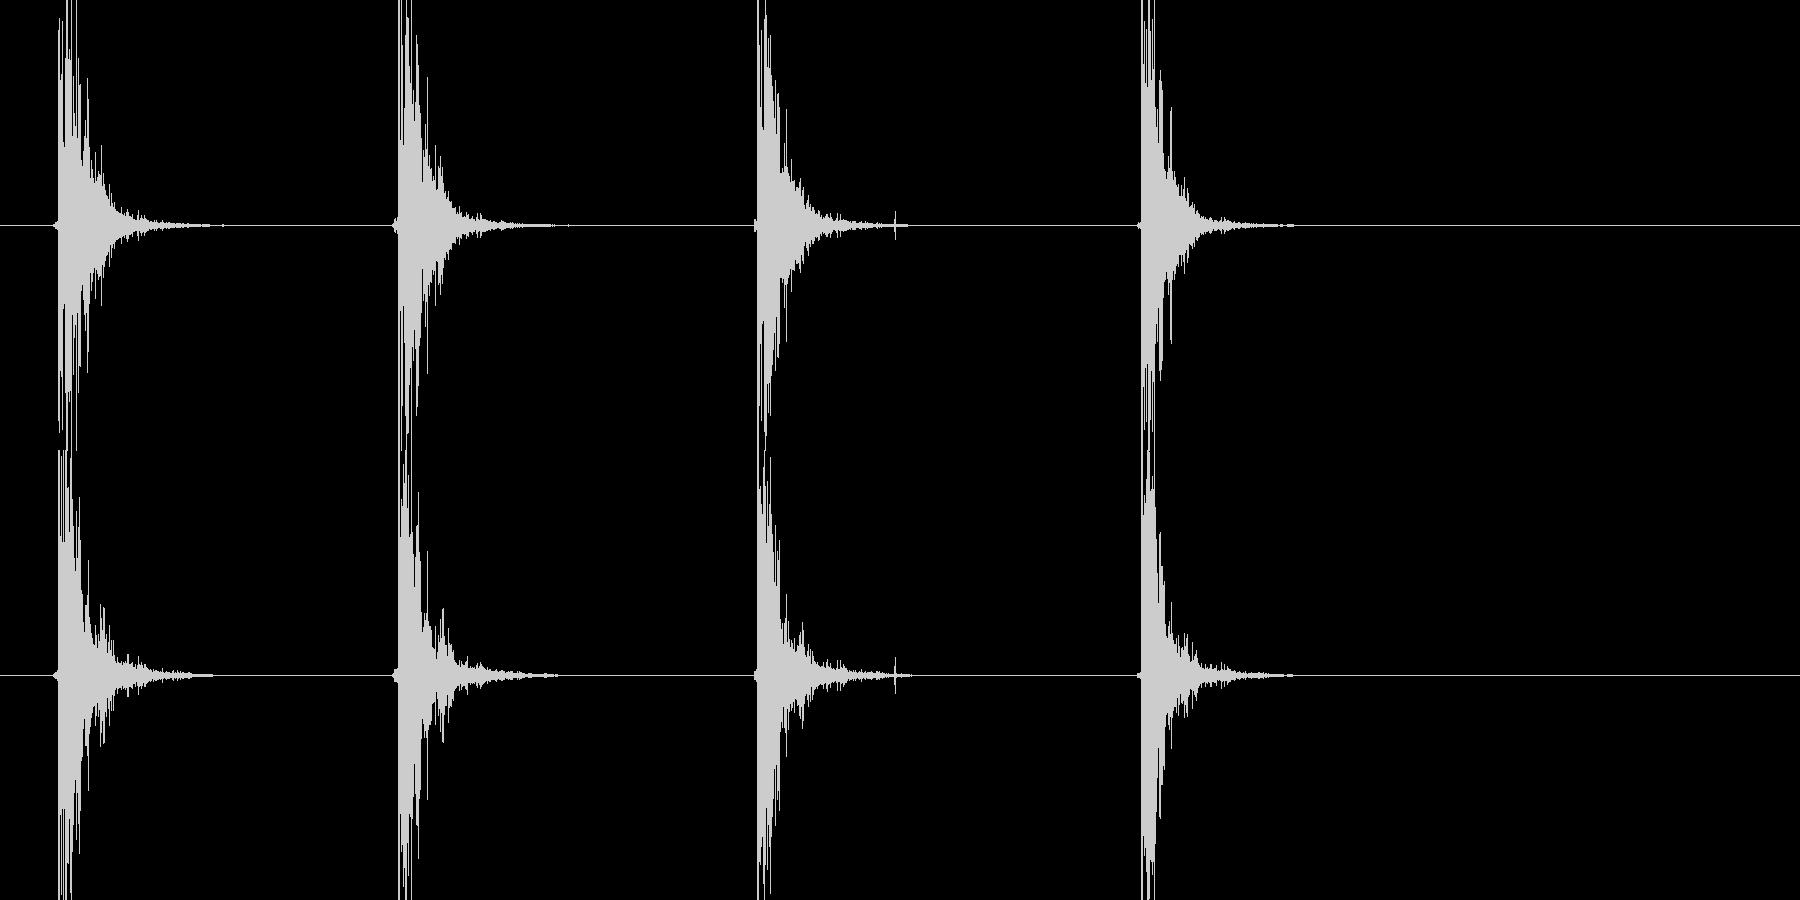 .38リボルバー:シングルショット...の未再生の波形